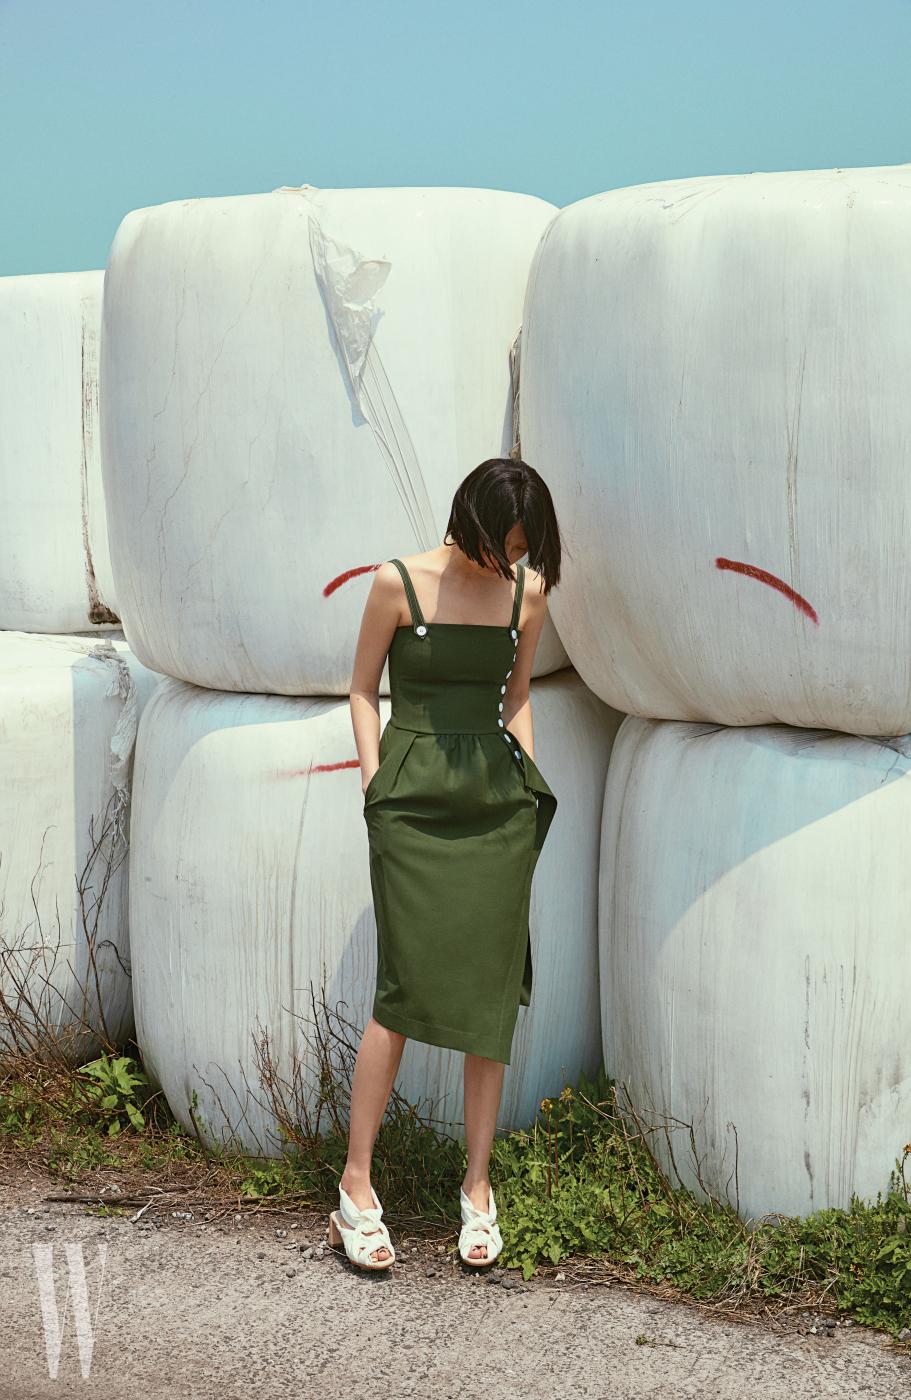 드레스는 Eudon Choi, 슈즈는 Cos 제품.